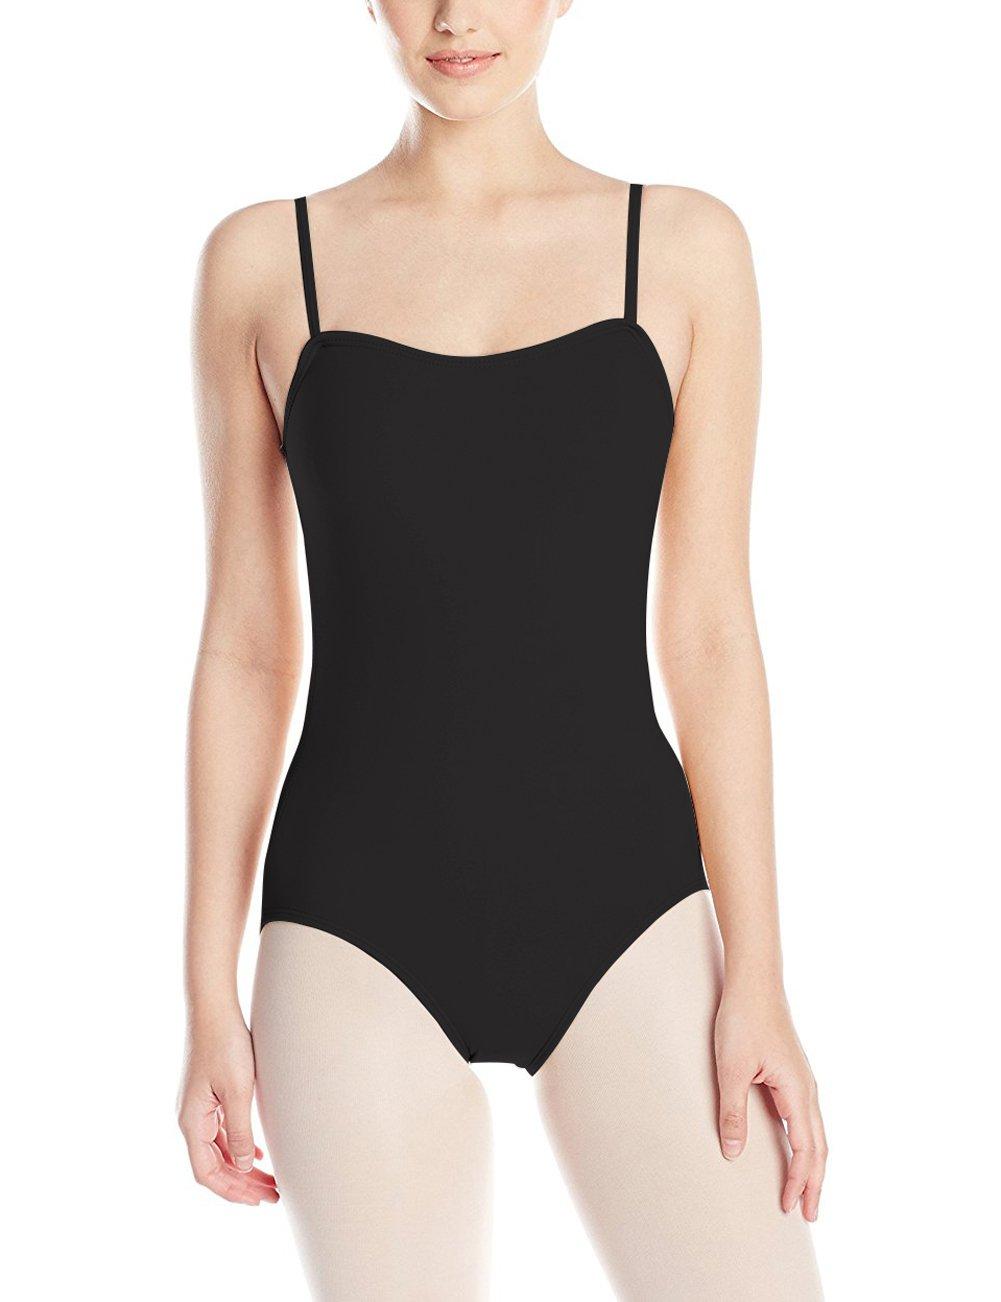 FAIMILORY Women's Basic Solid Scoop Neck Bodysuit Stretch Leotard (S, Adjustable Straps Black) by FAIMILORY